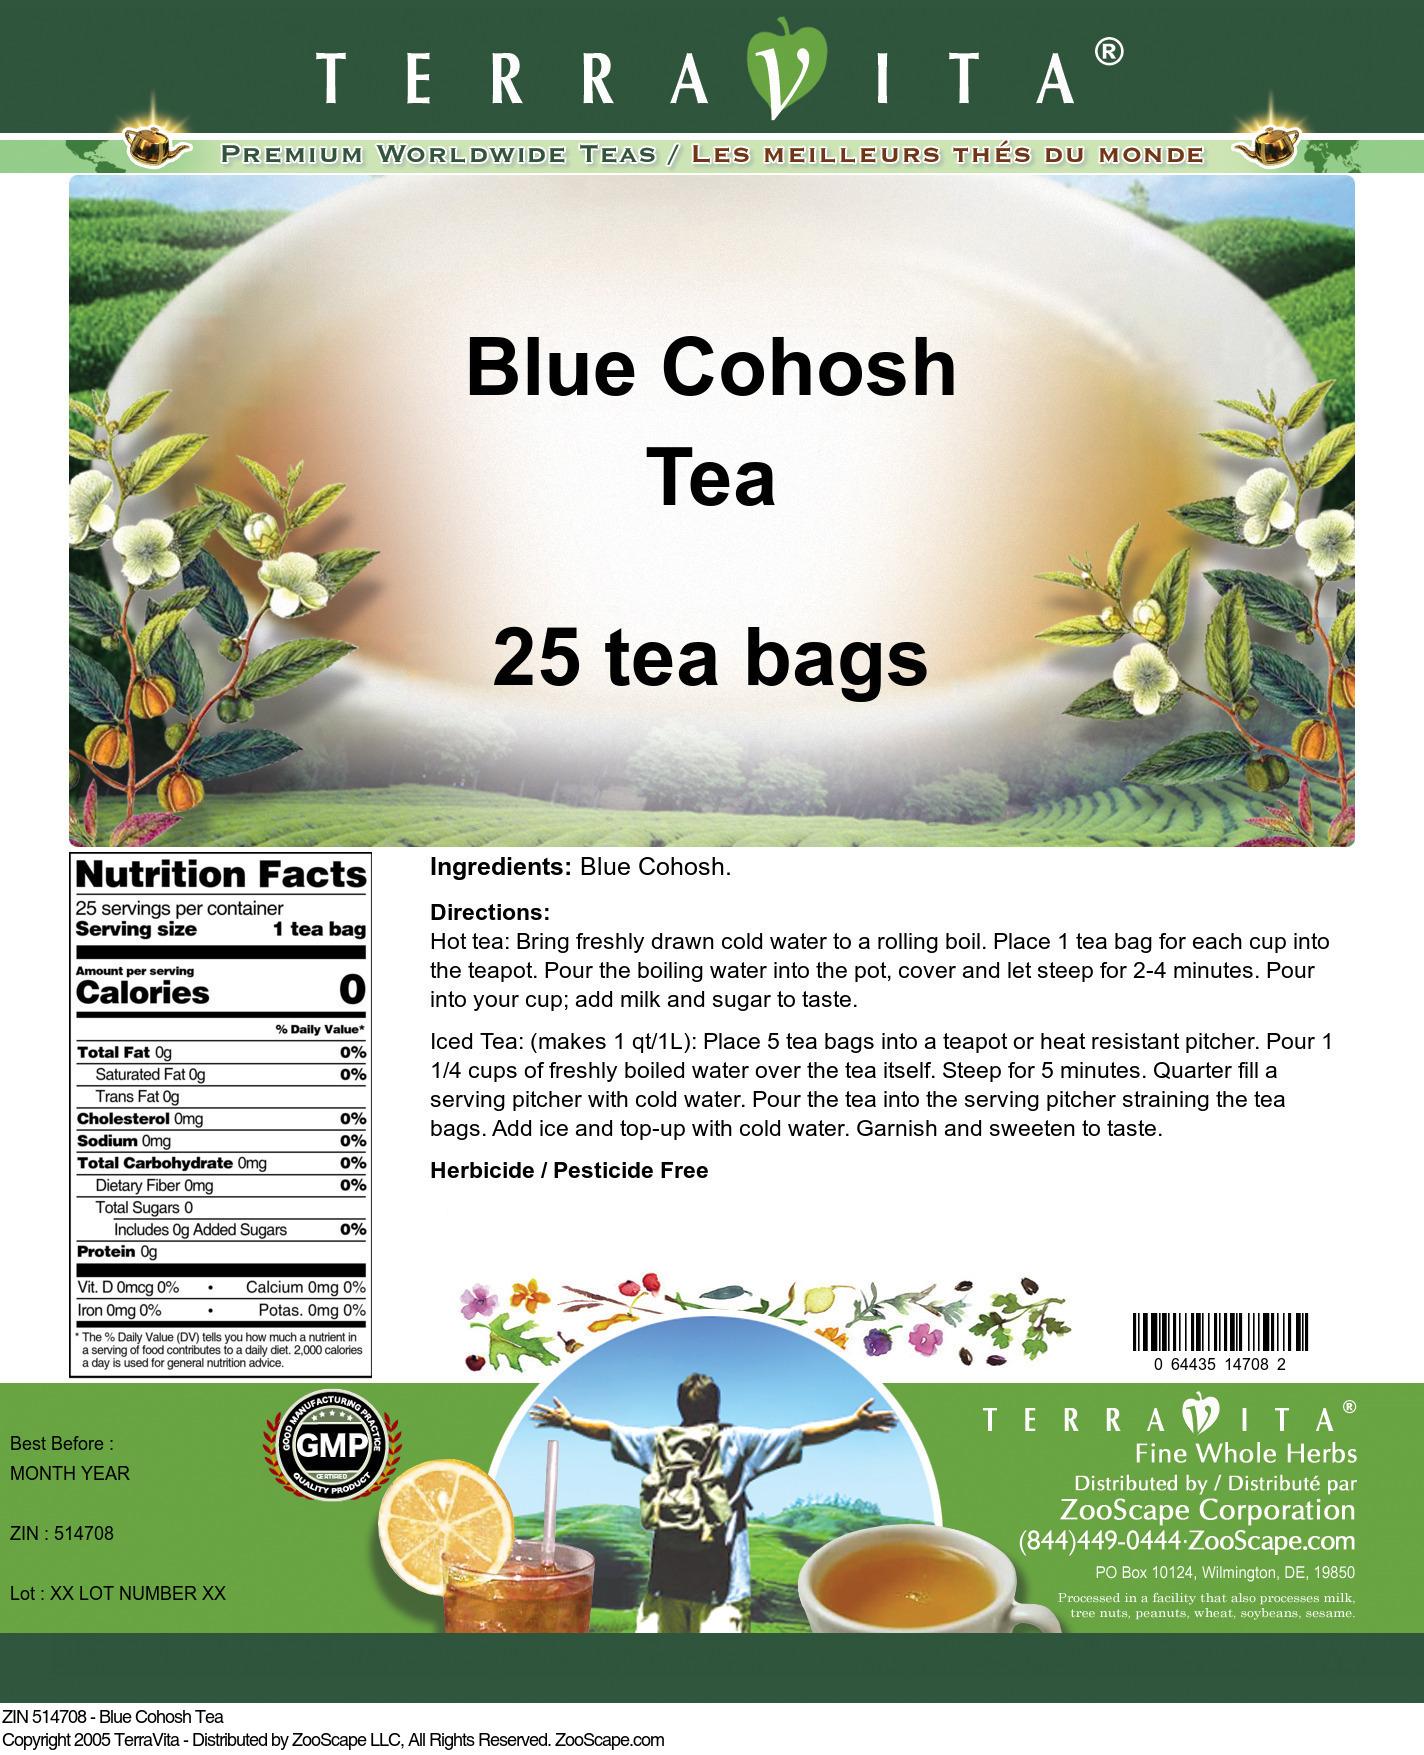 Blue Cohosh Tea